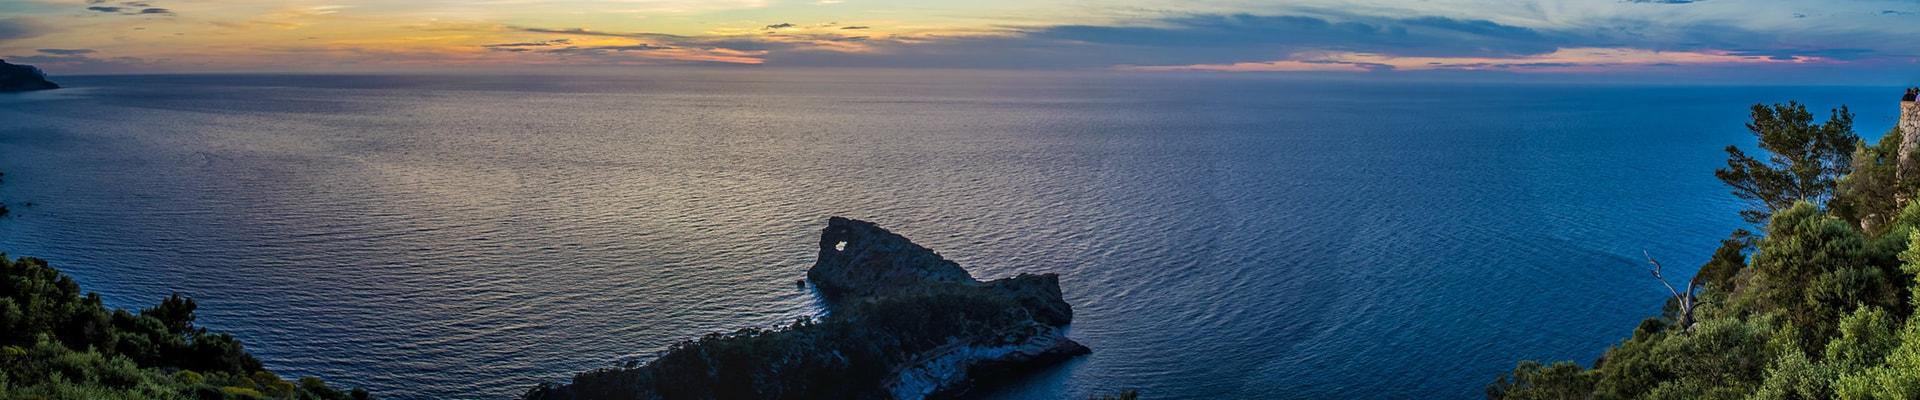 Фото смотровая площадка острова Майорка, что посмотреть на Майорке